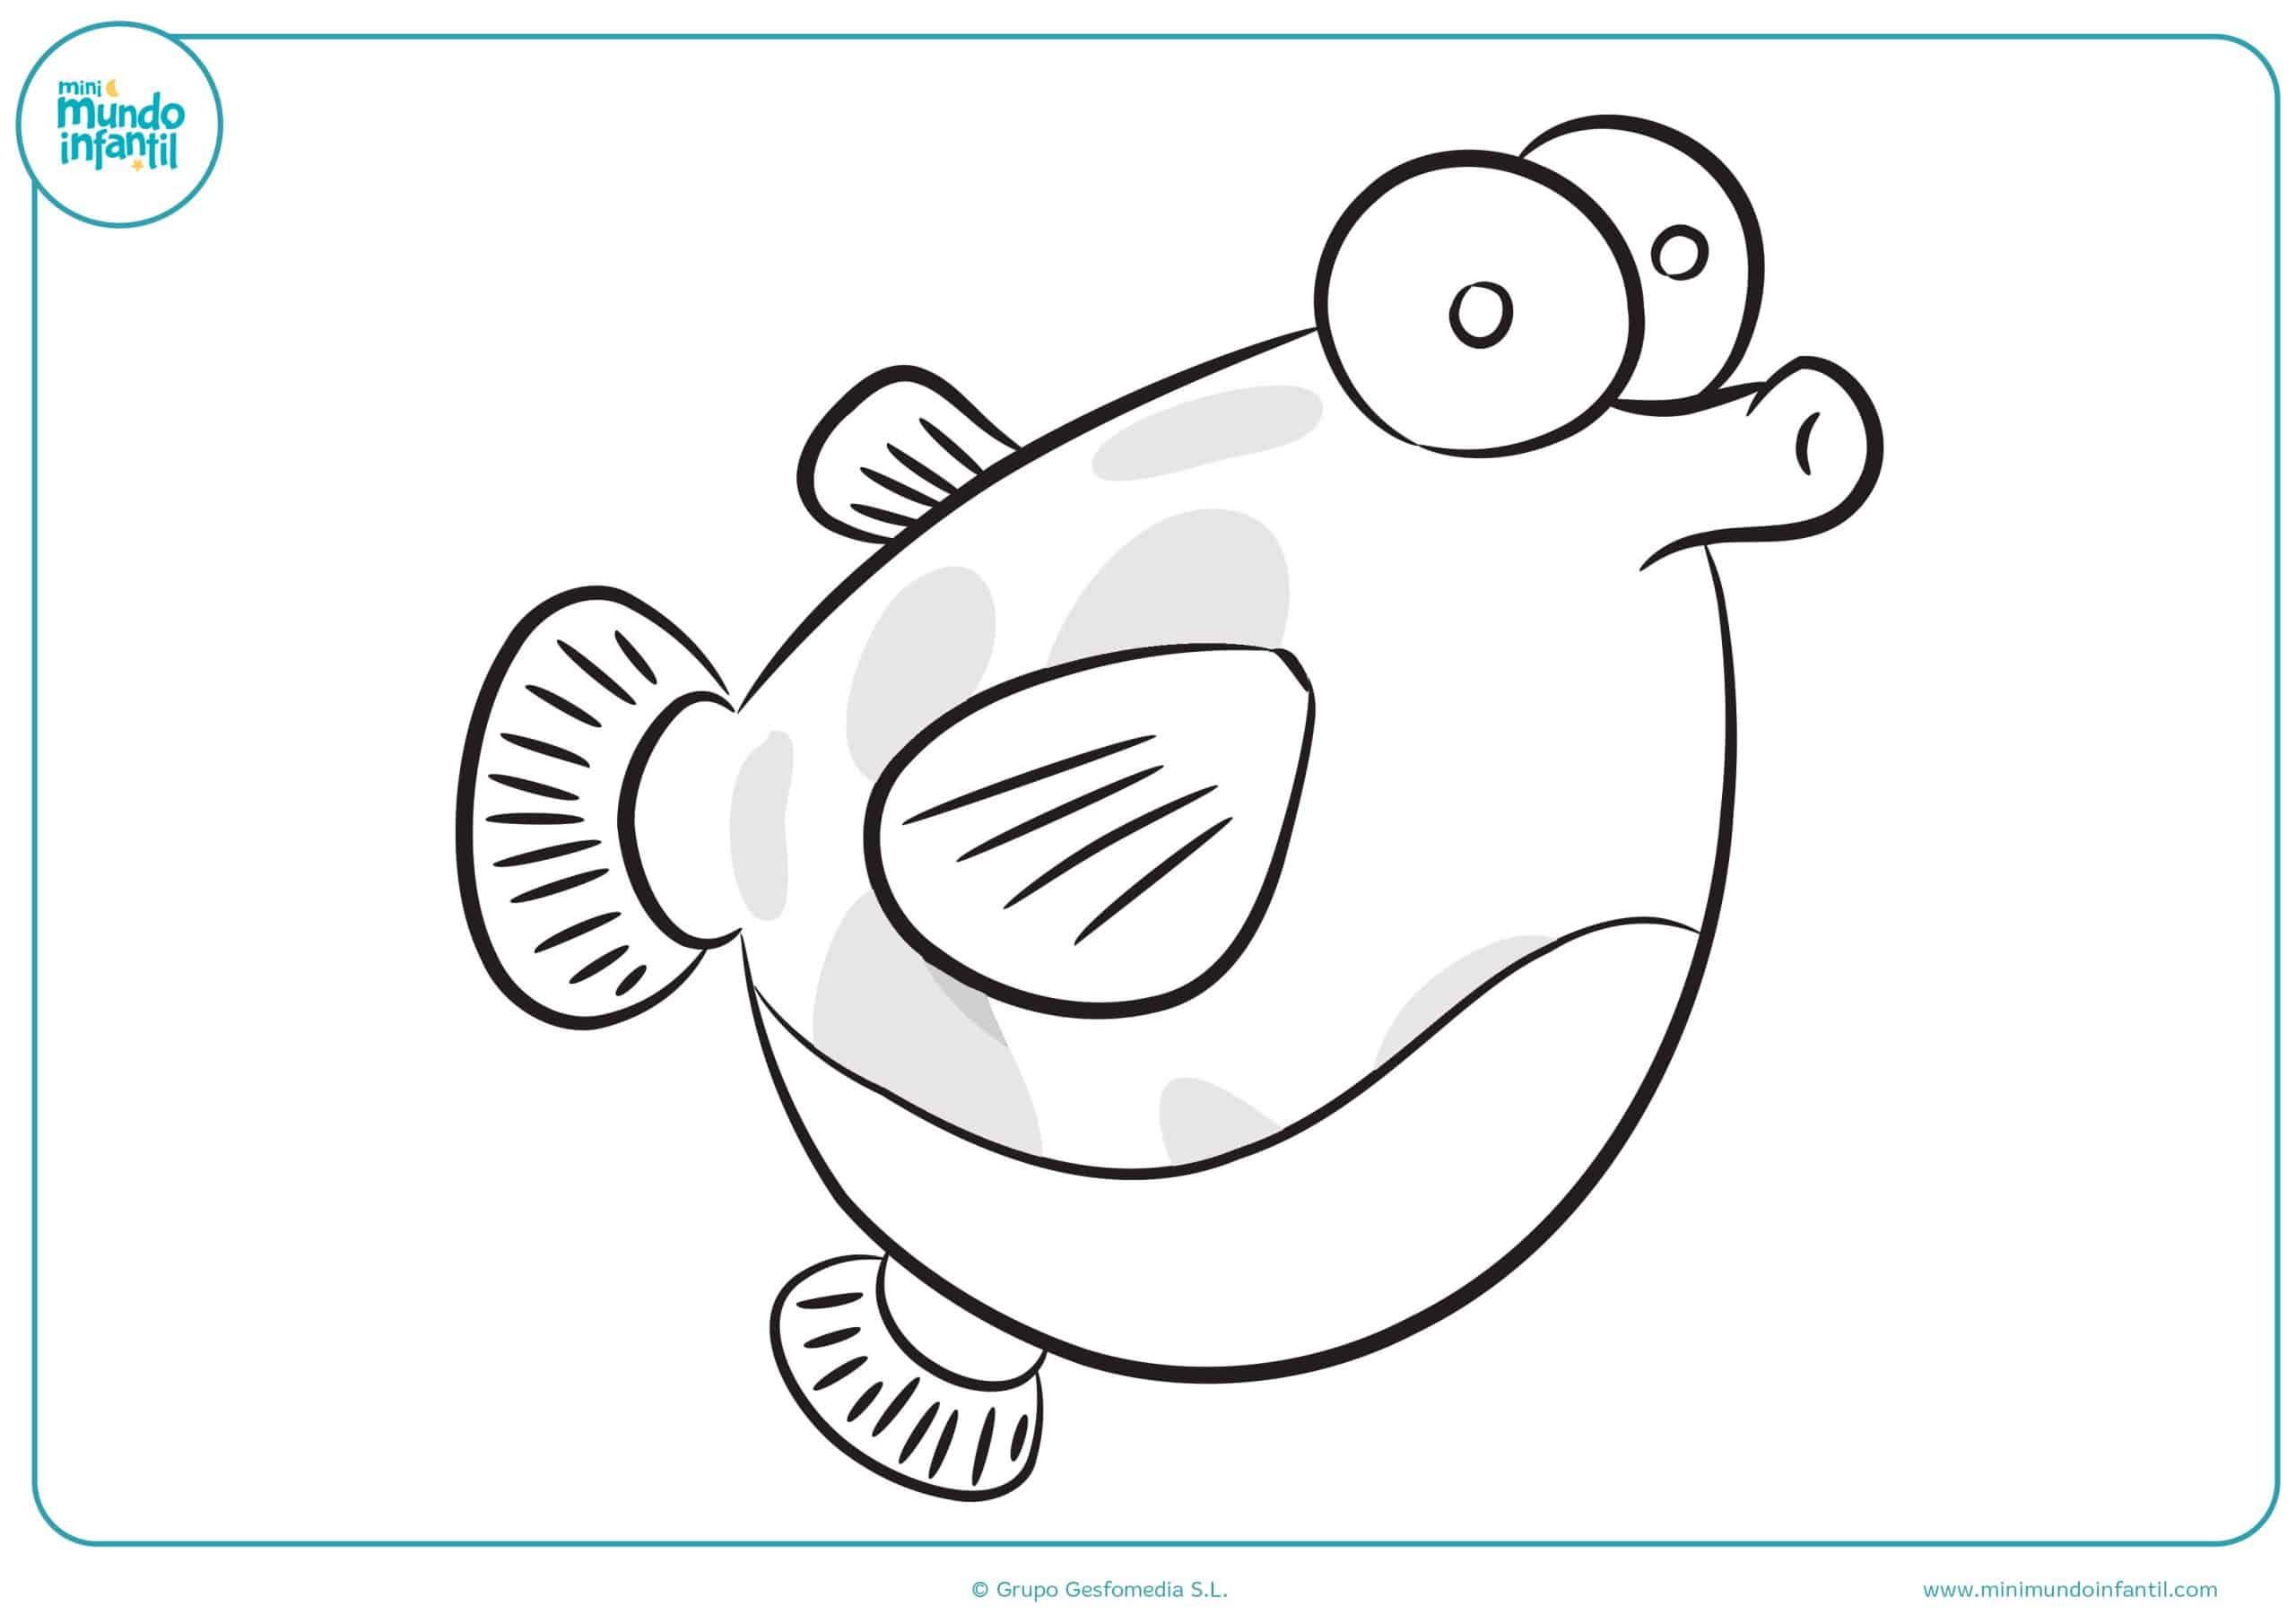 Descargar dibujo marinos animales colorear gratis